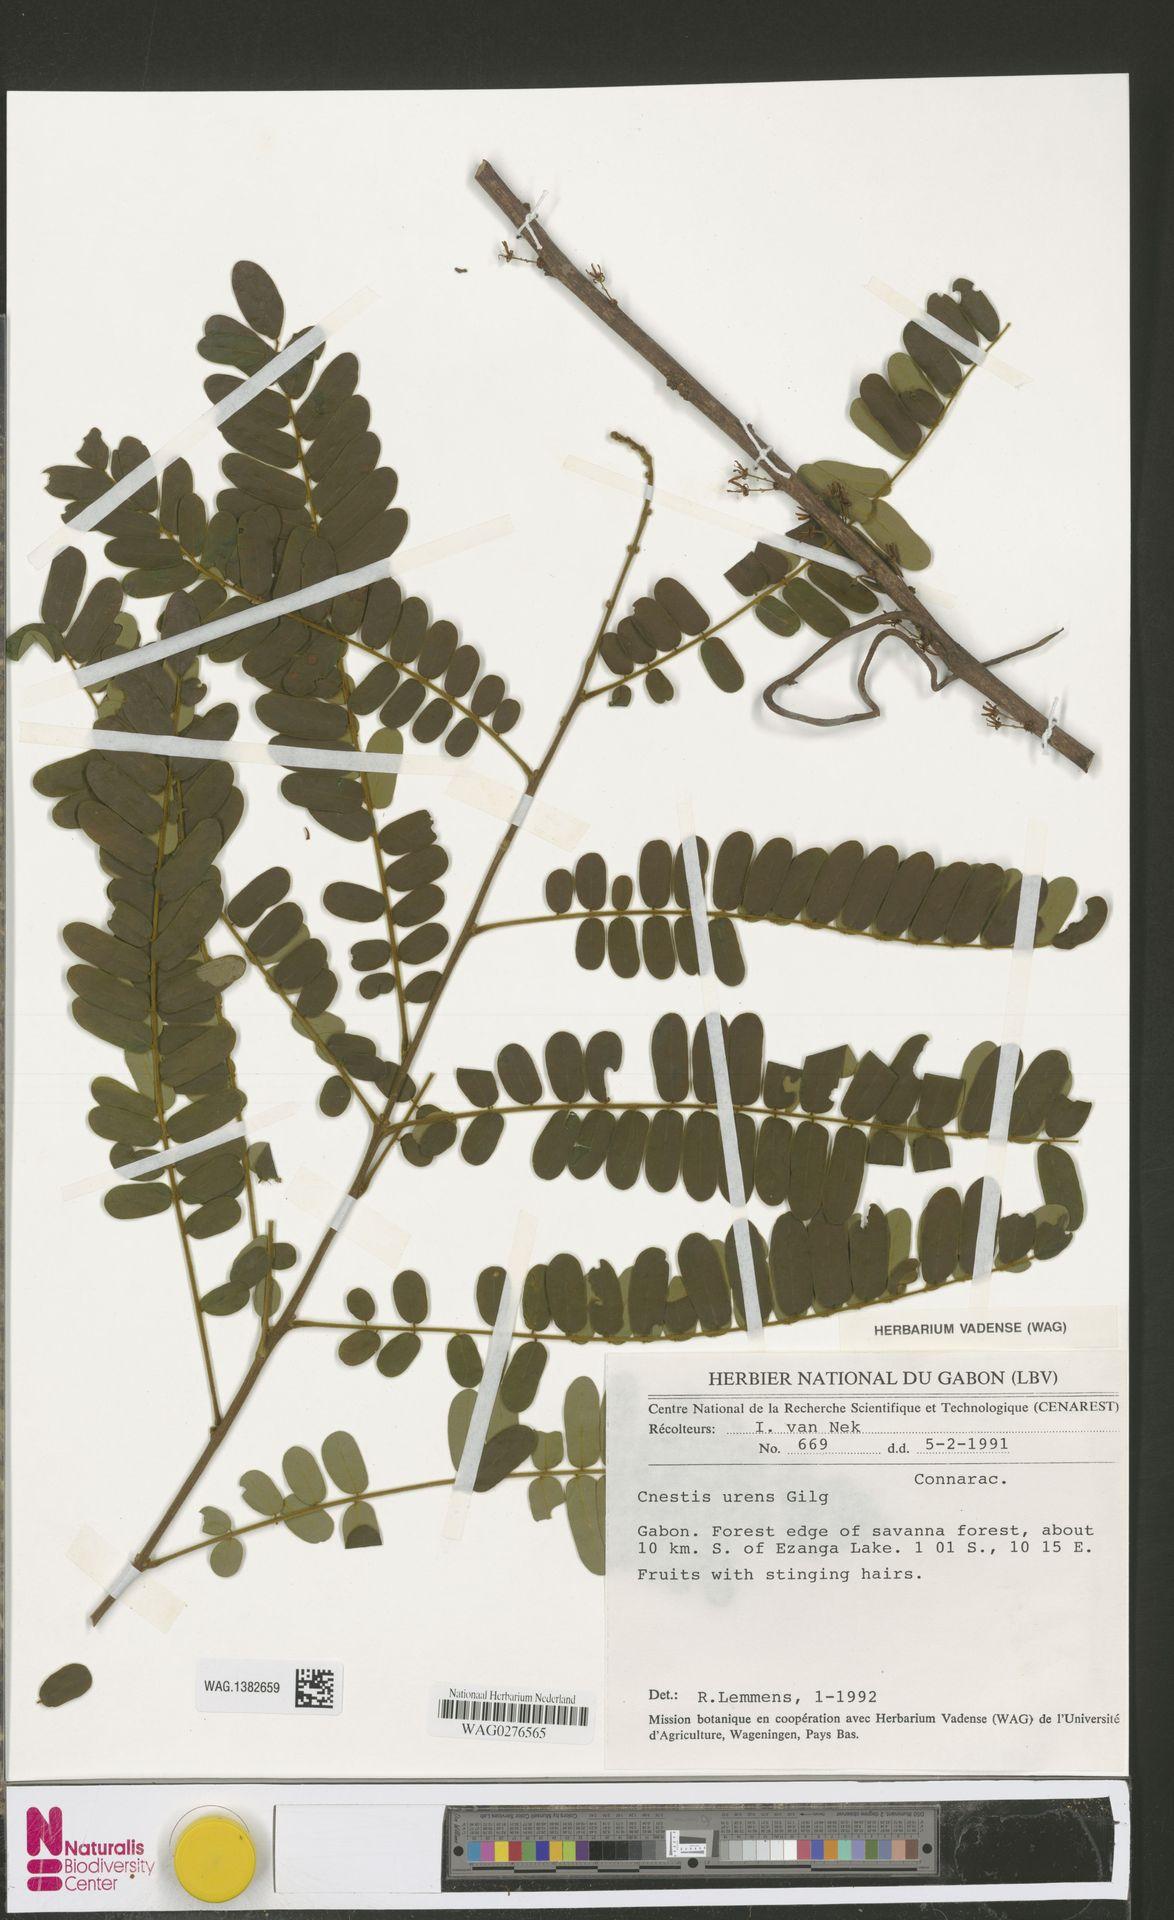 WAG.1382659 | Cnestis urens Gilg